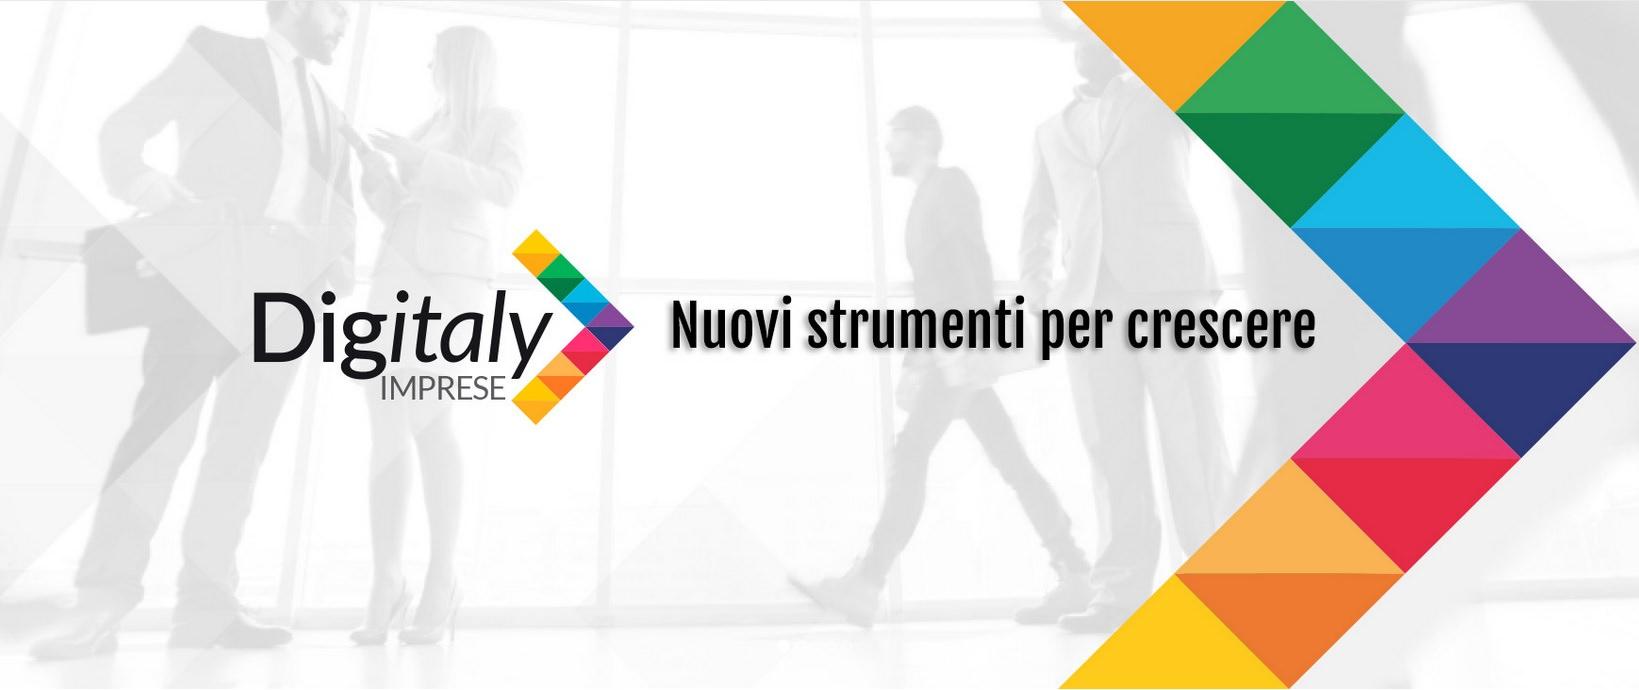 Tutto pronto per Digitaly, tappa catanese verso la digitalizzazione delle imprese siciliane